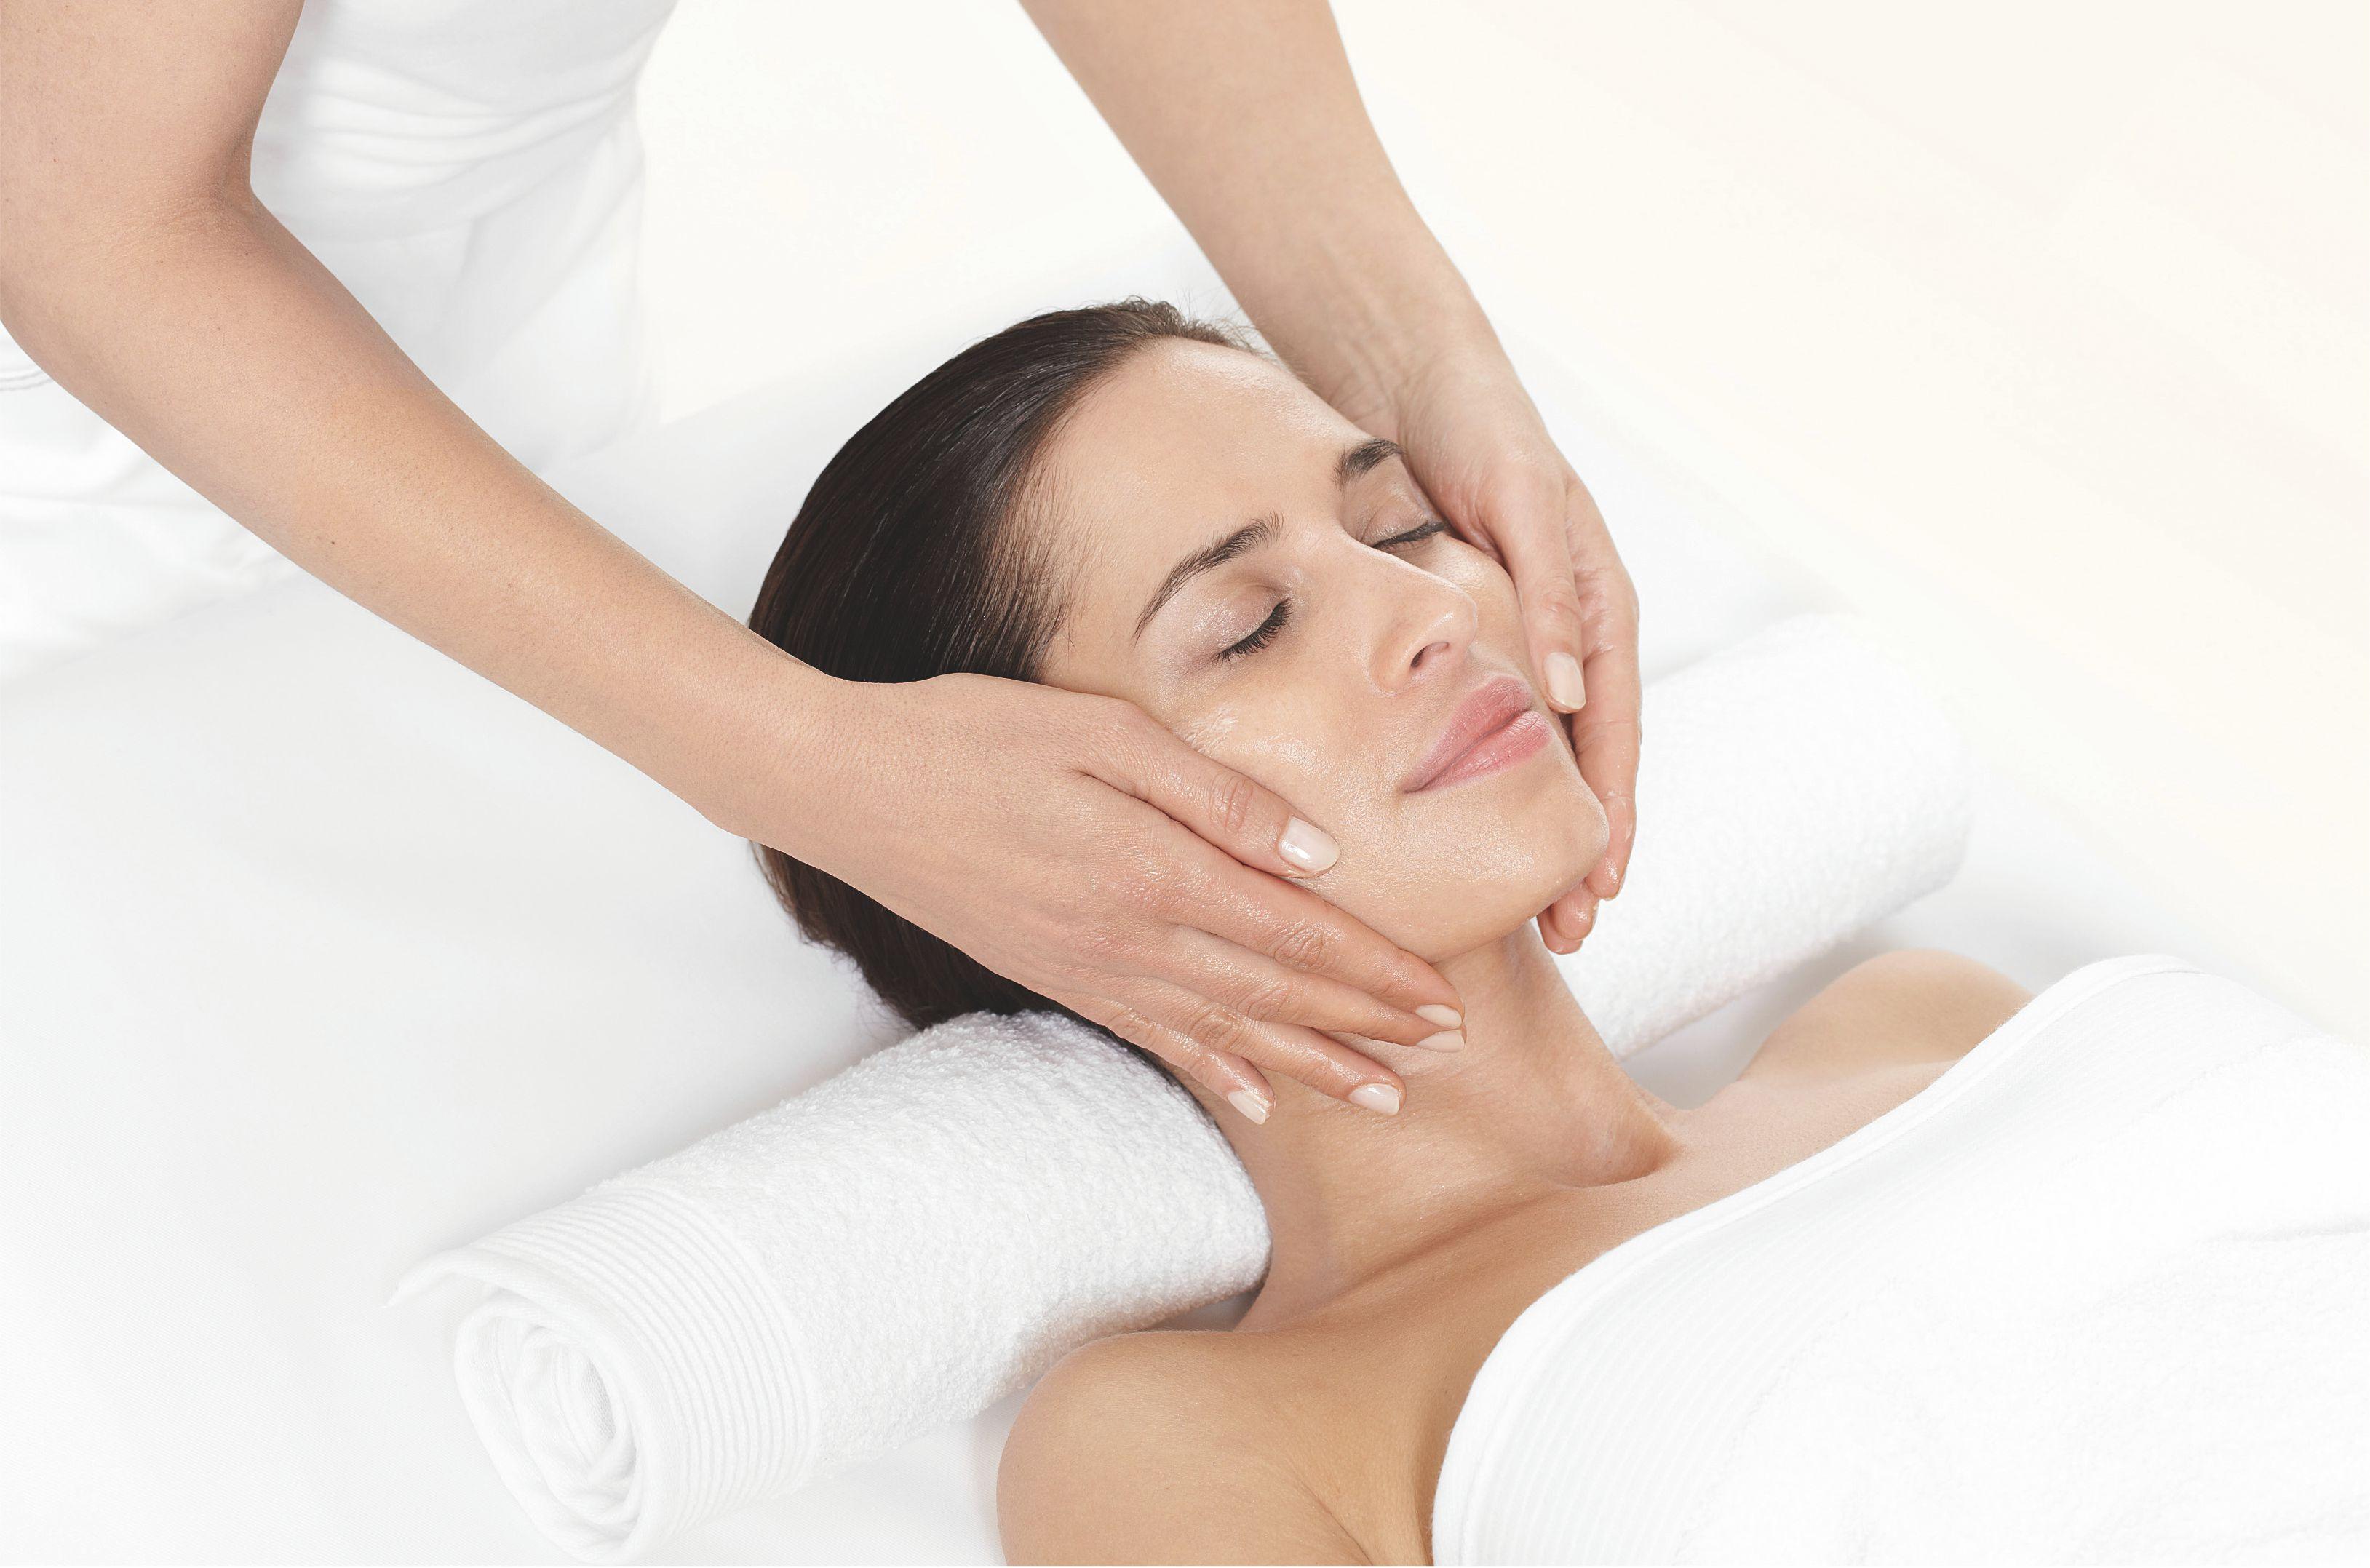 Чем делать массаж тела класический маслом или кремом лазерная эпиляция александрит